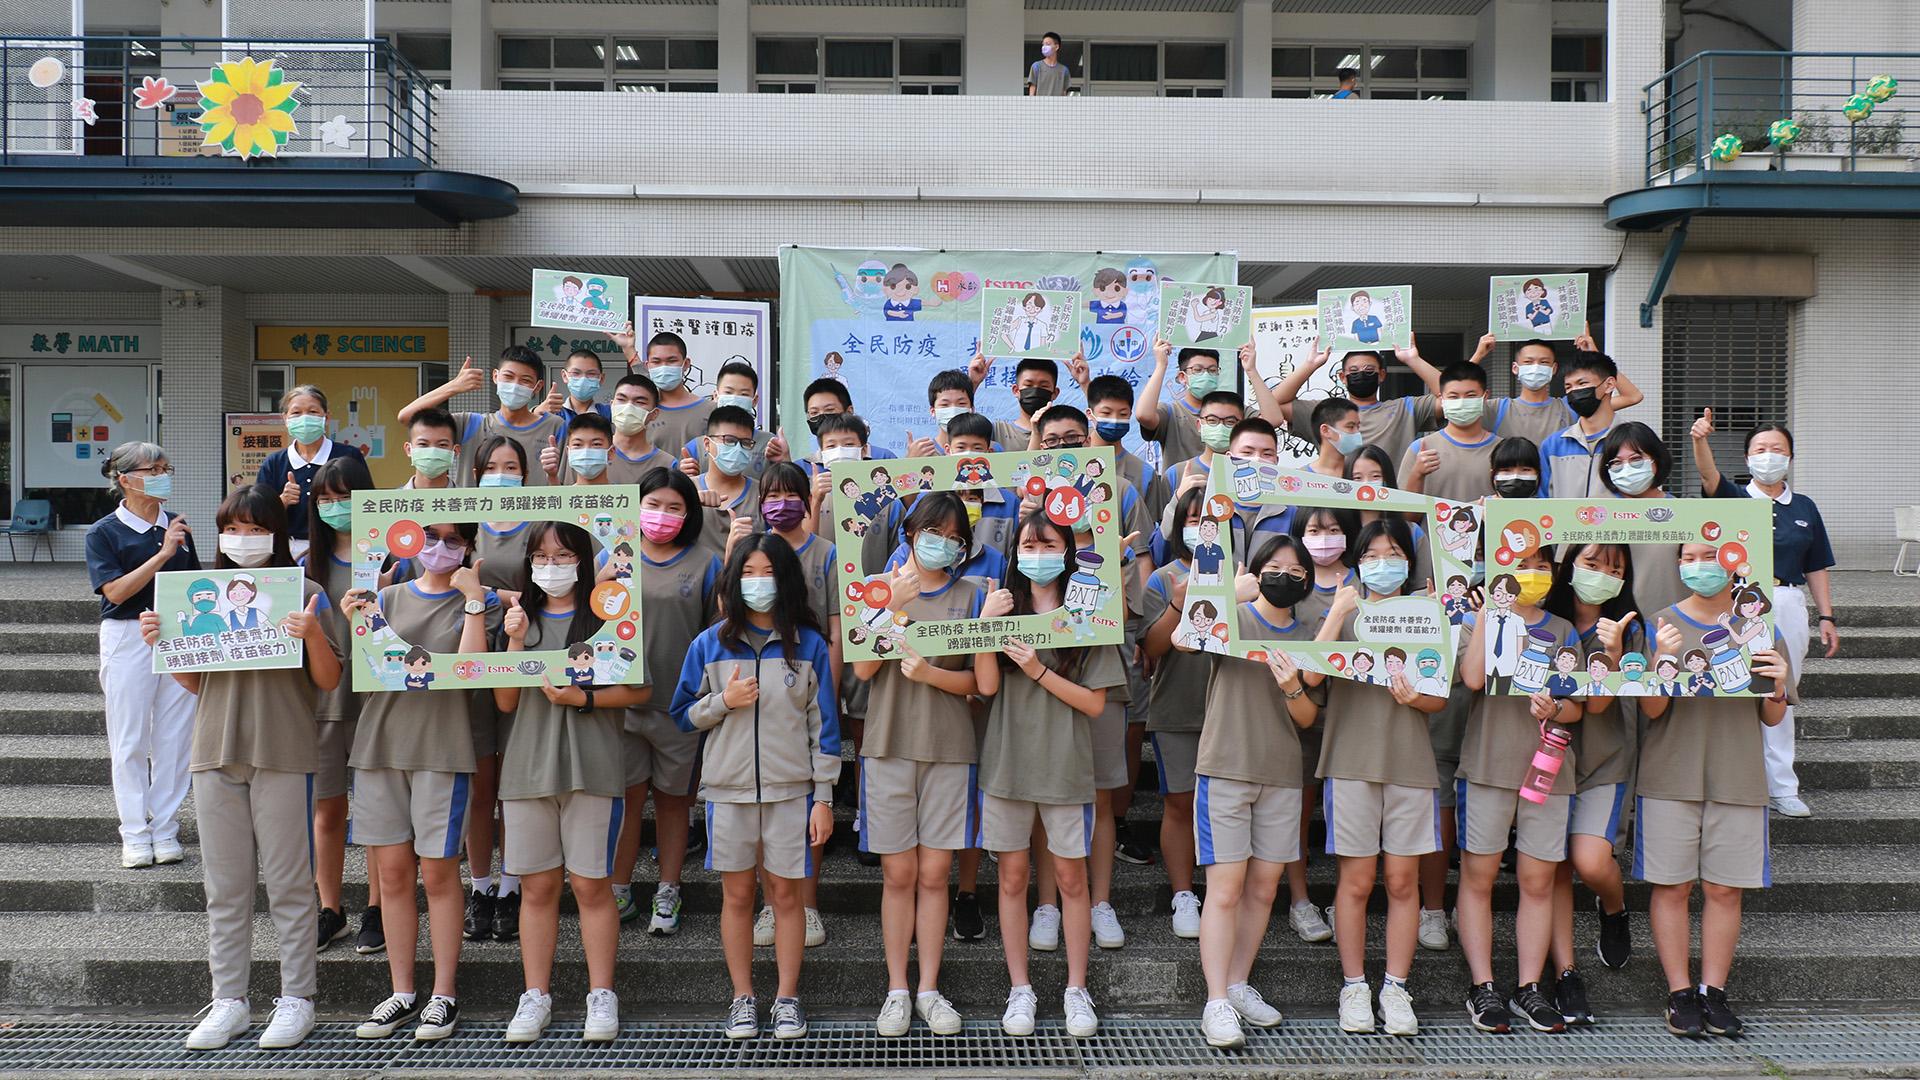 弘文中學國中部同學接種疫苗前合照。